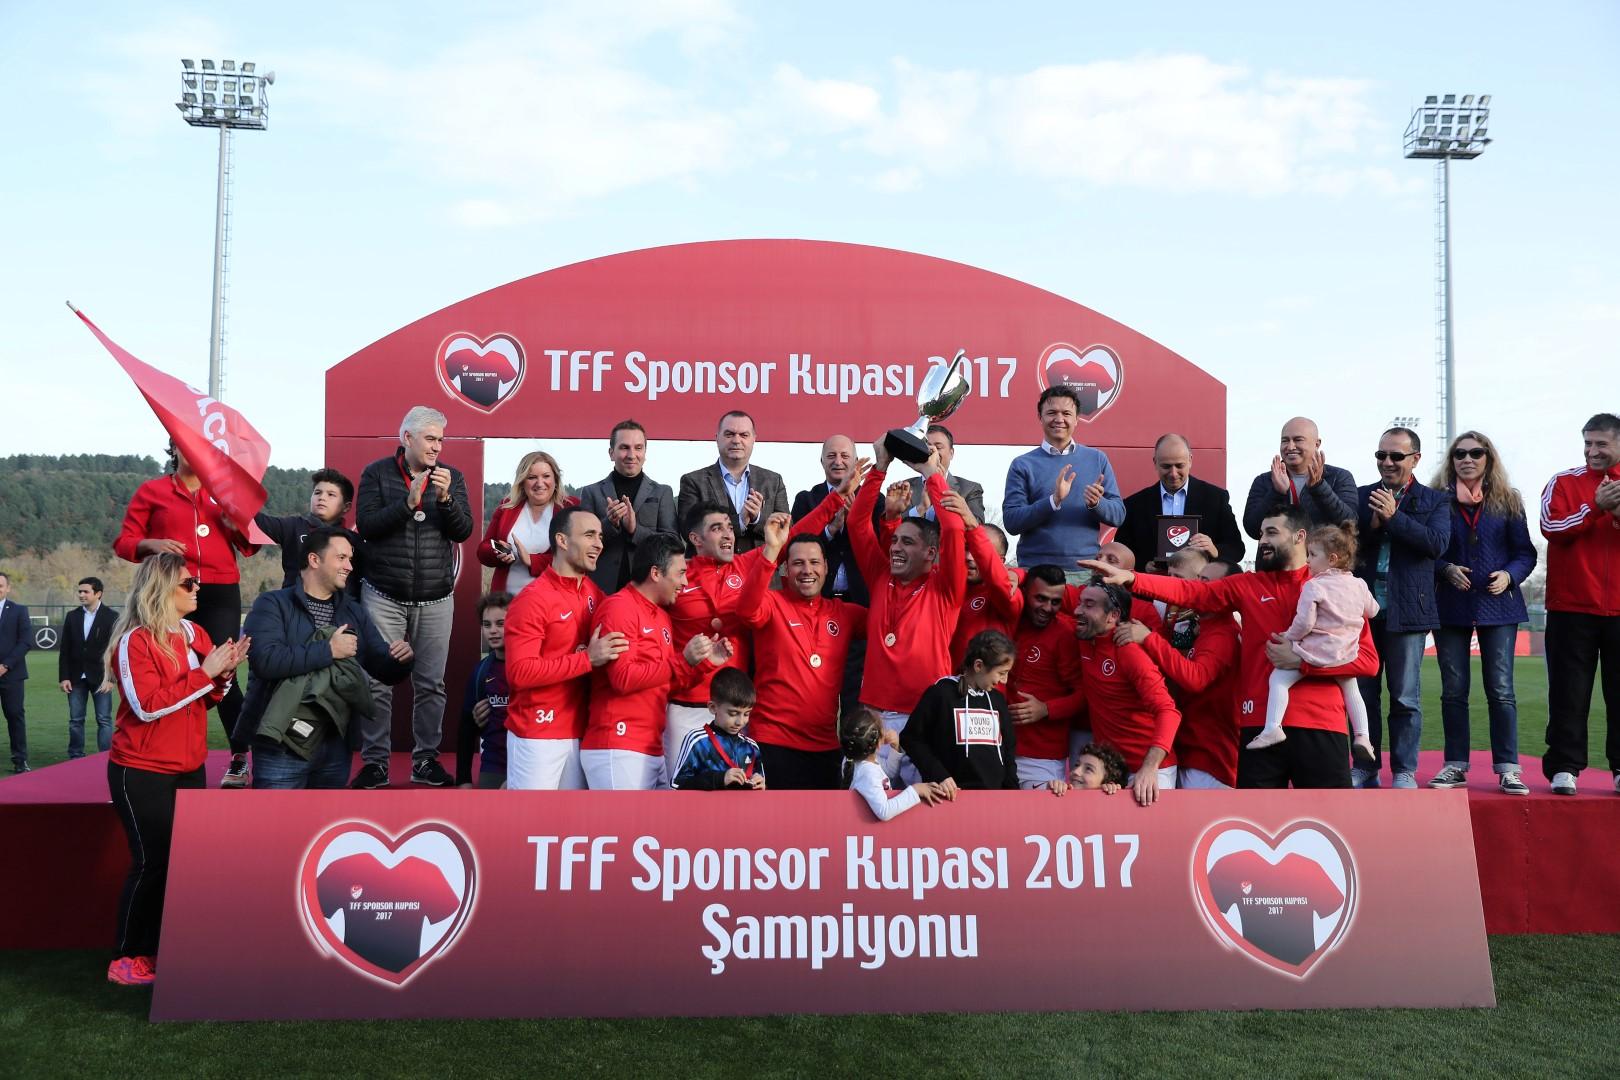 TFF Sponsor Kupası 2017'nin Şampiyonu Arçelik